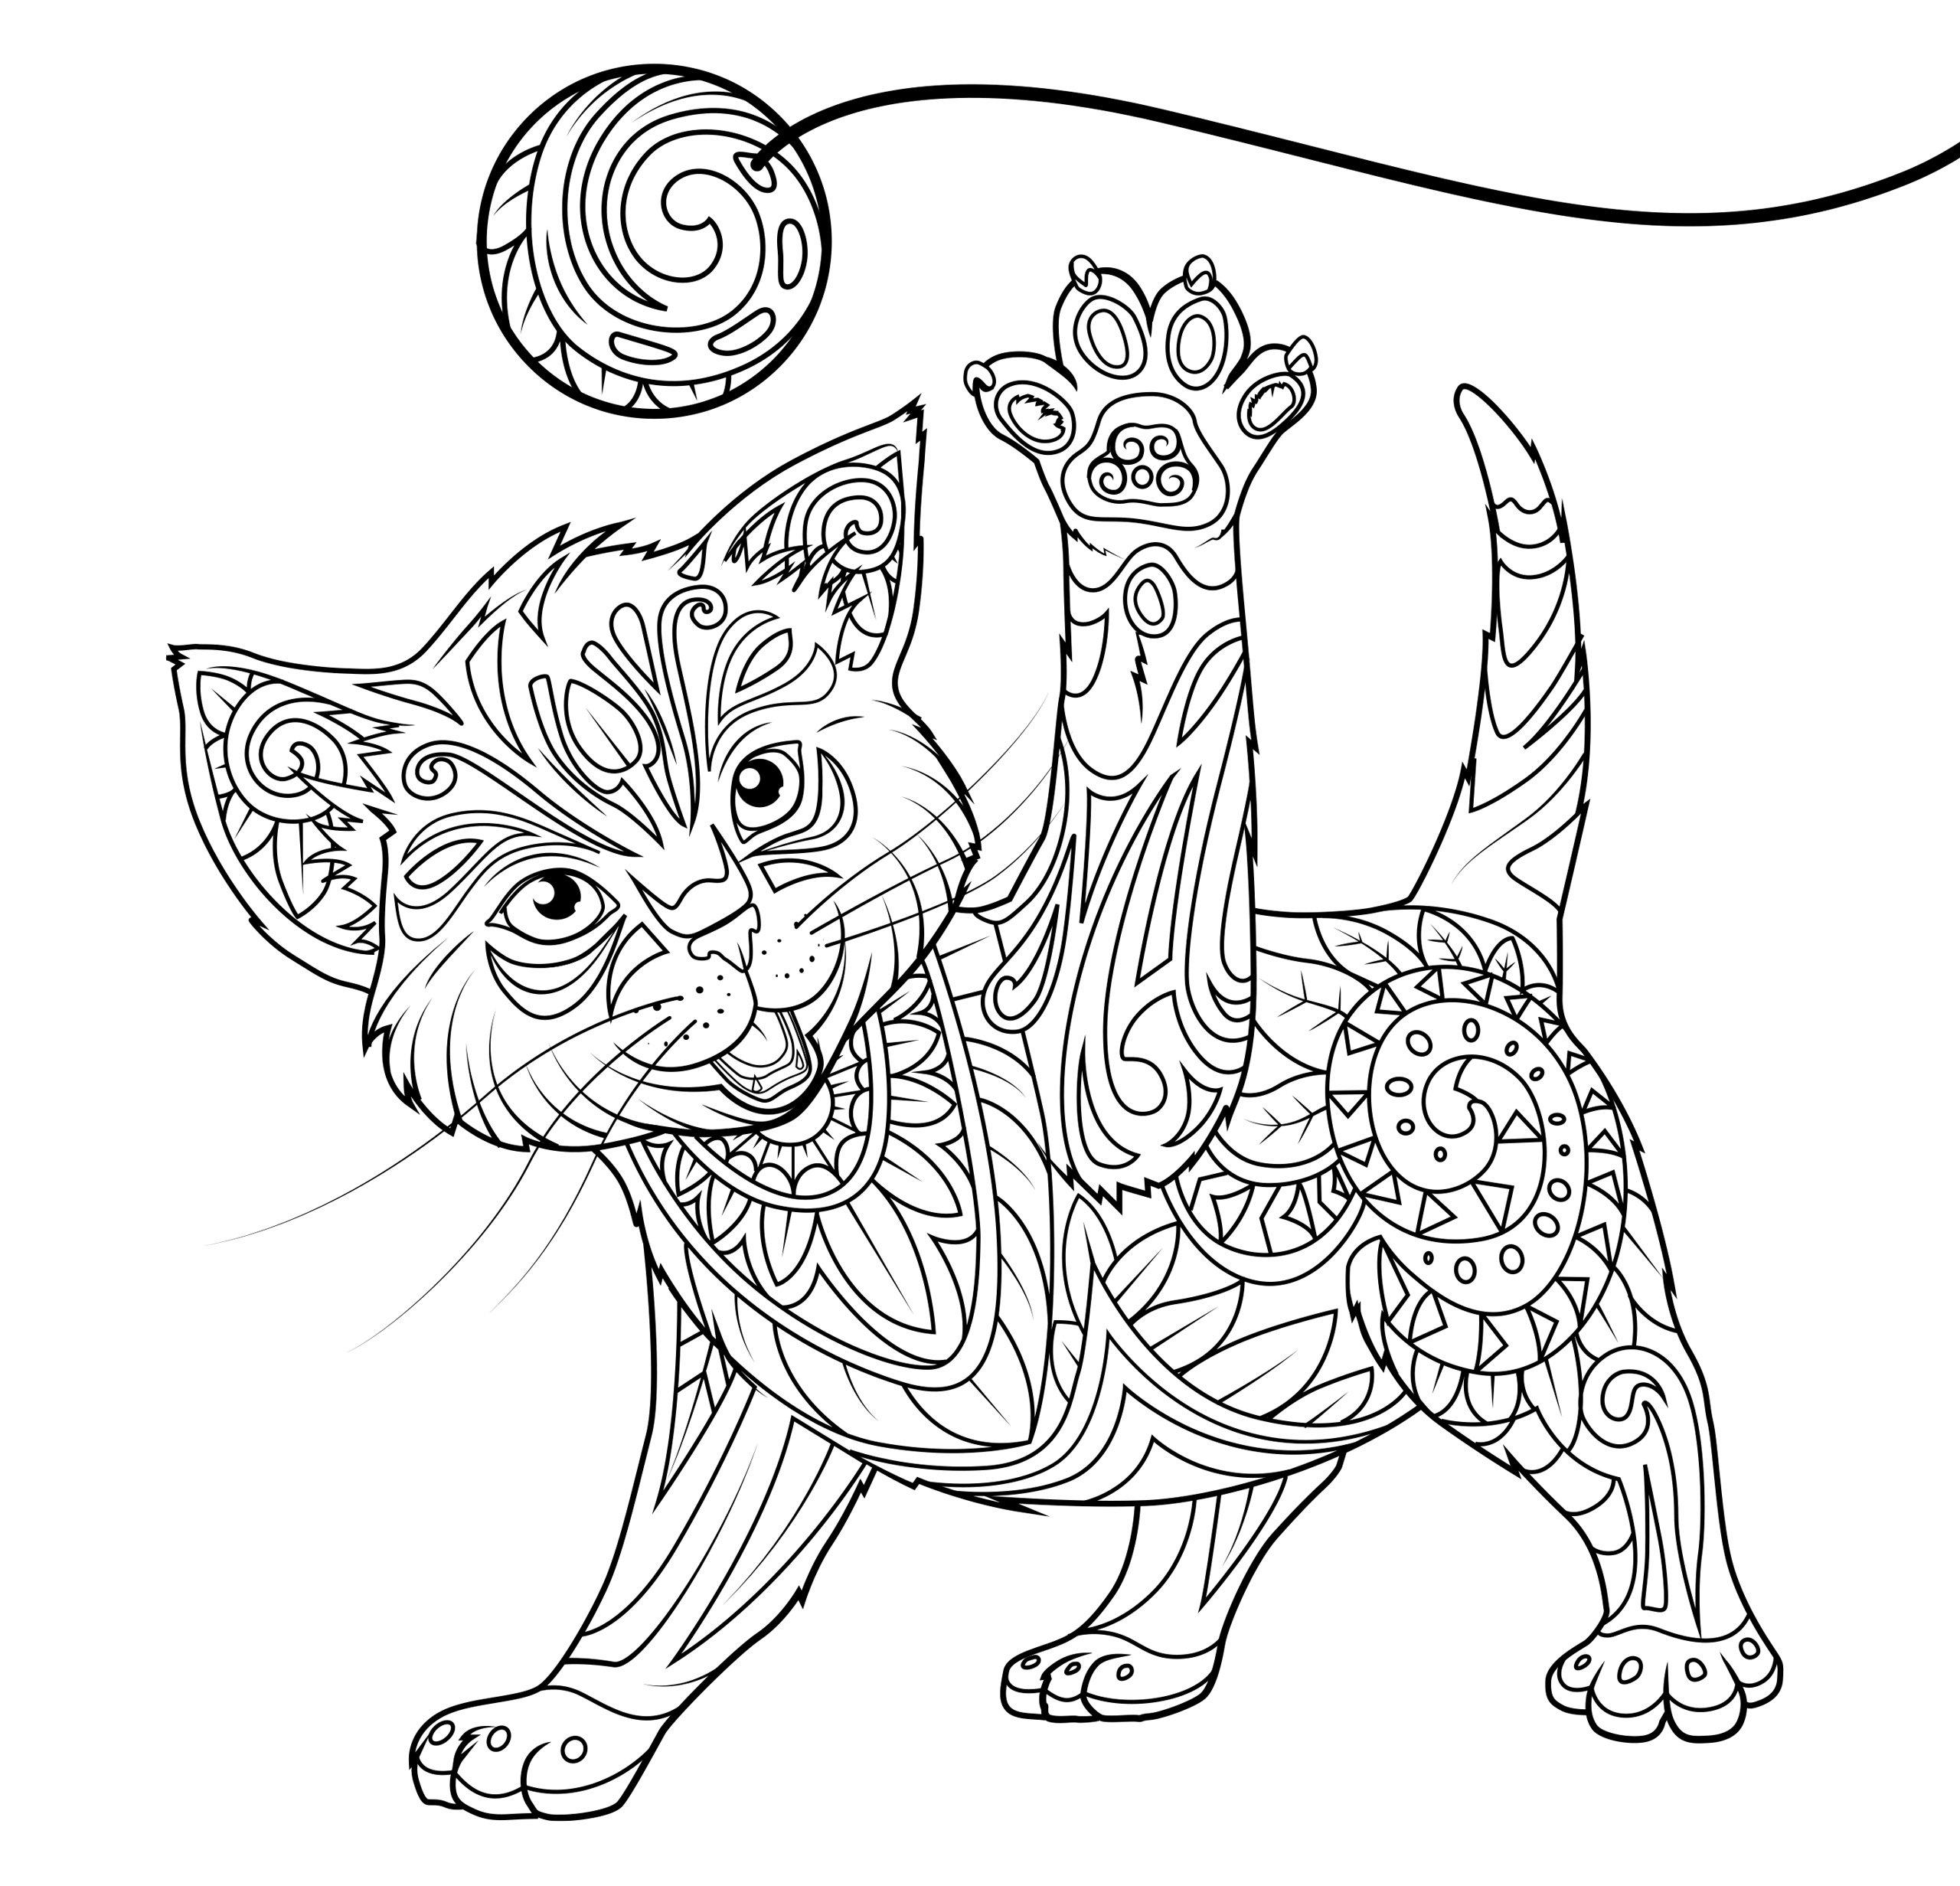 Раскраски антистресс в хорошем качестве «Котенок с игрушкой мячиком», чтобы распечатать